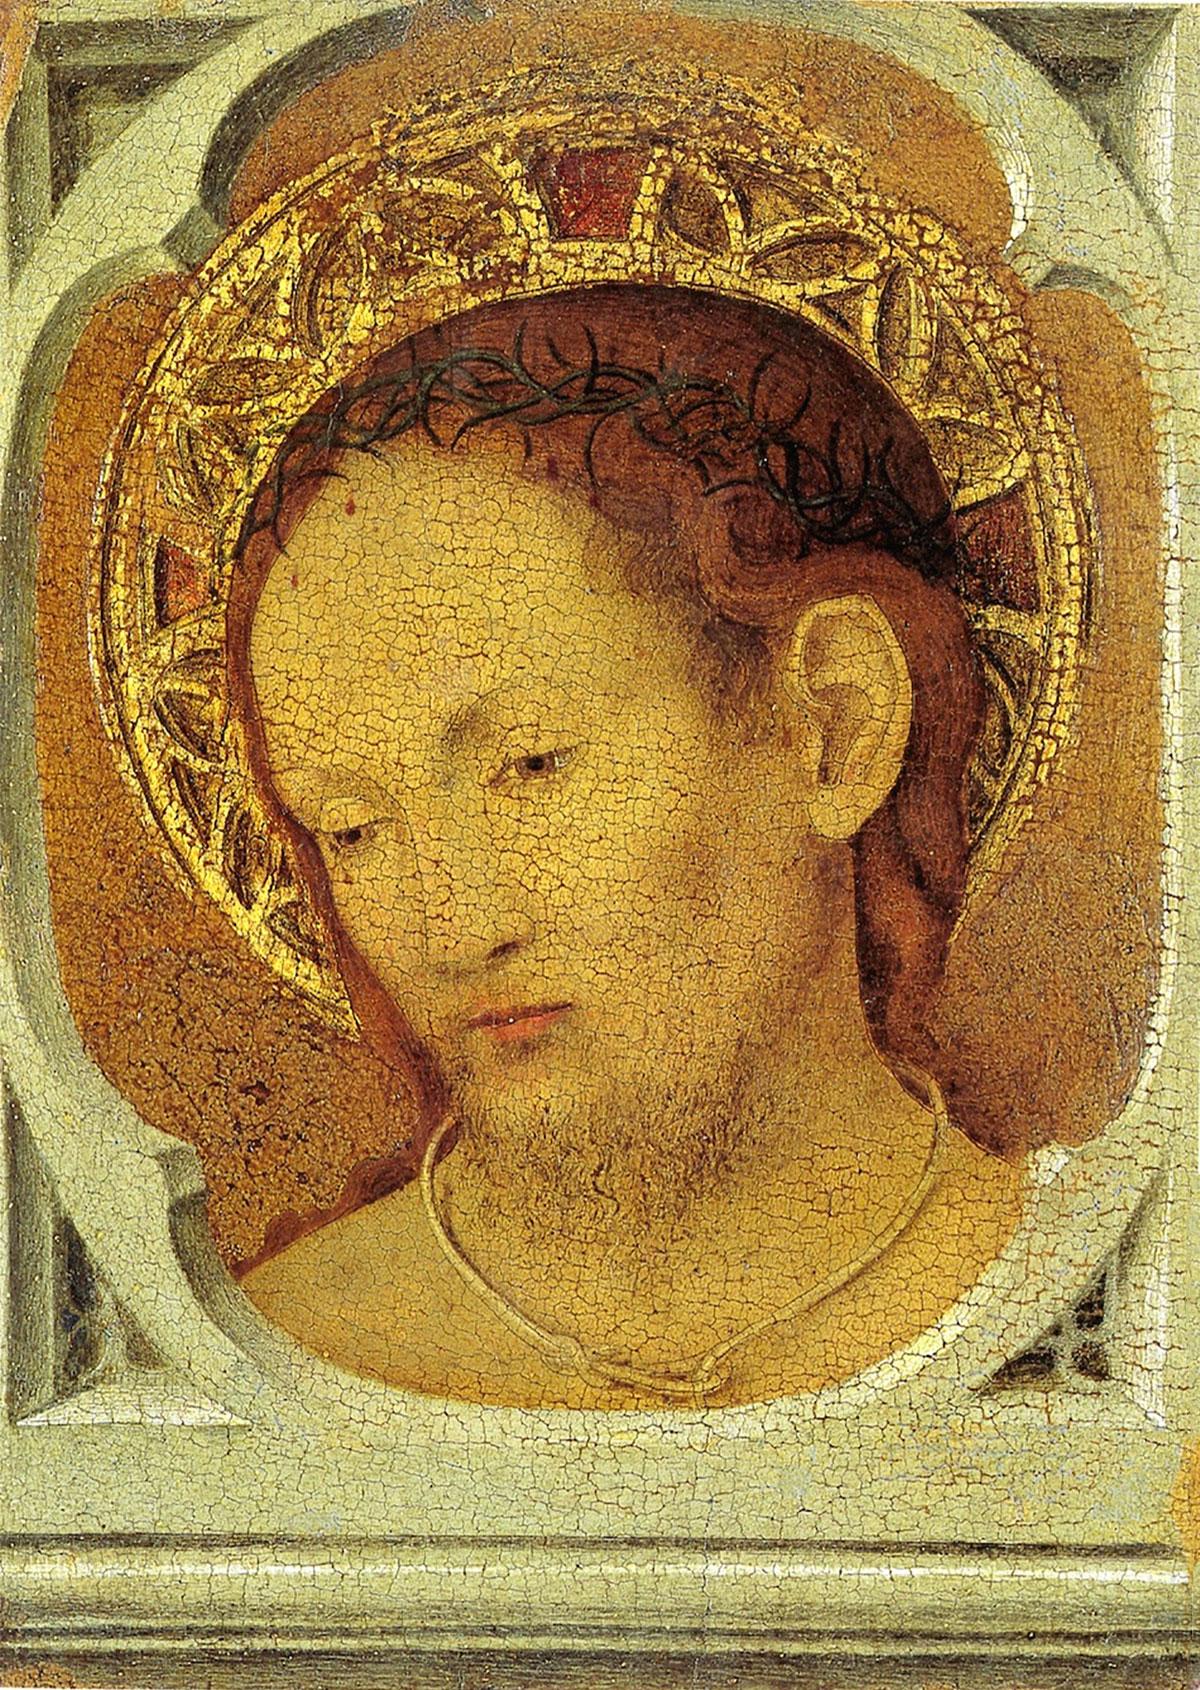 Ecce Homo (verso) - Cristo in pietà - opera di Antonello da Messina